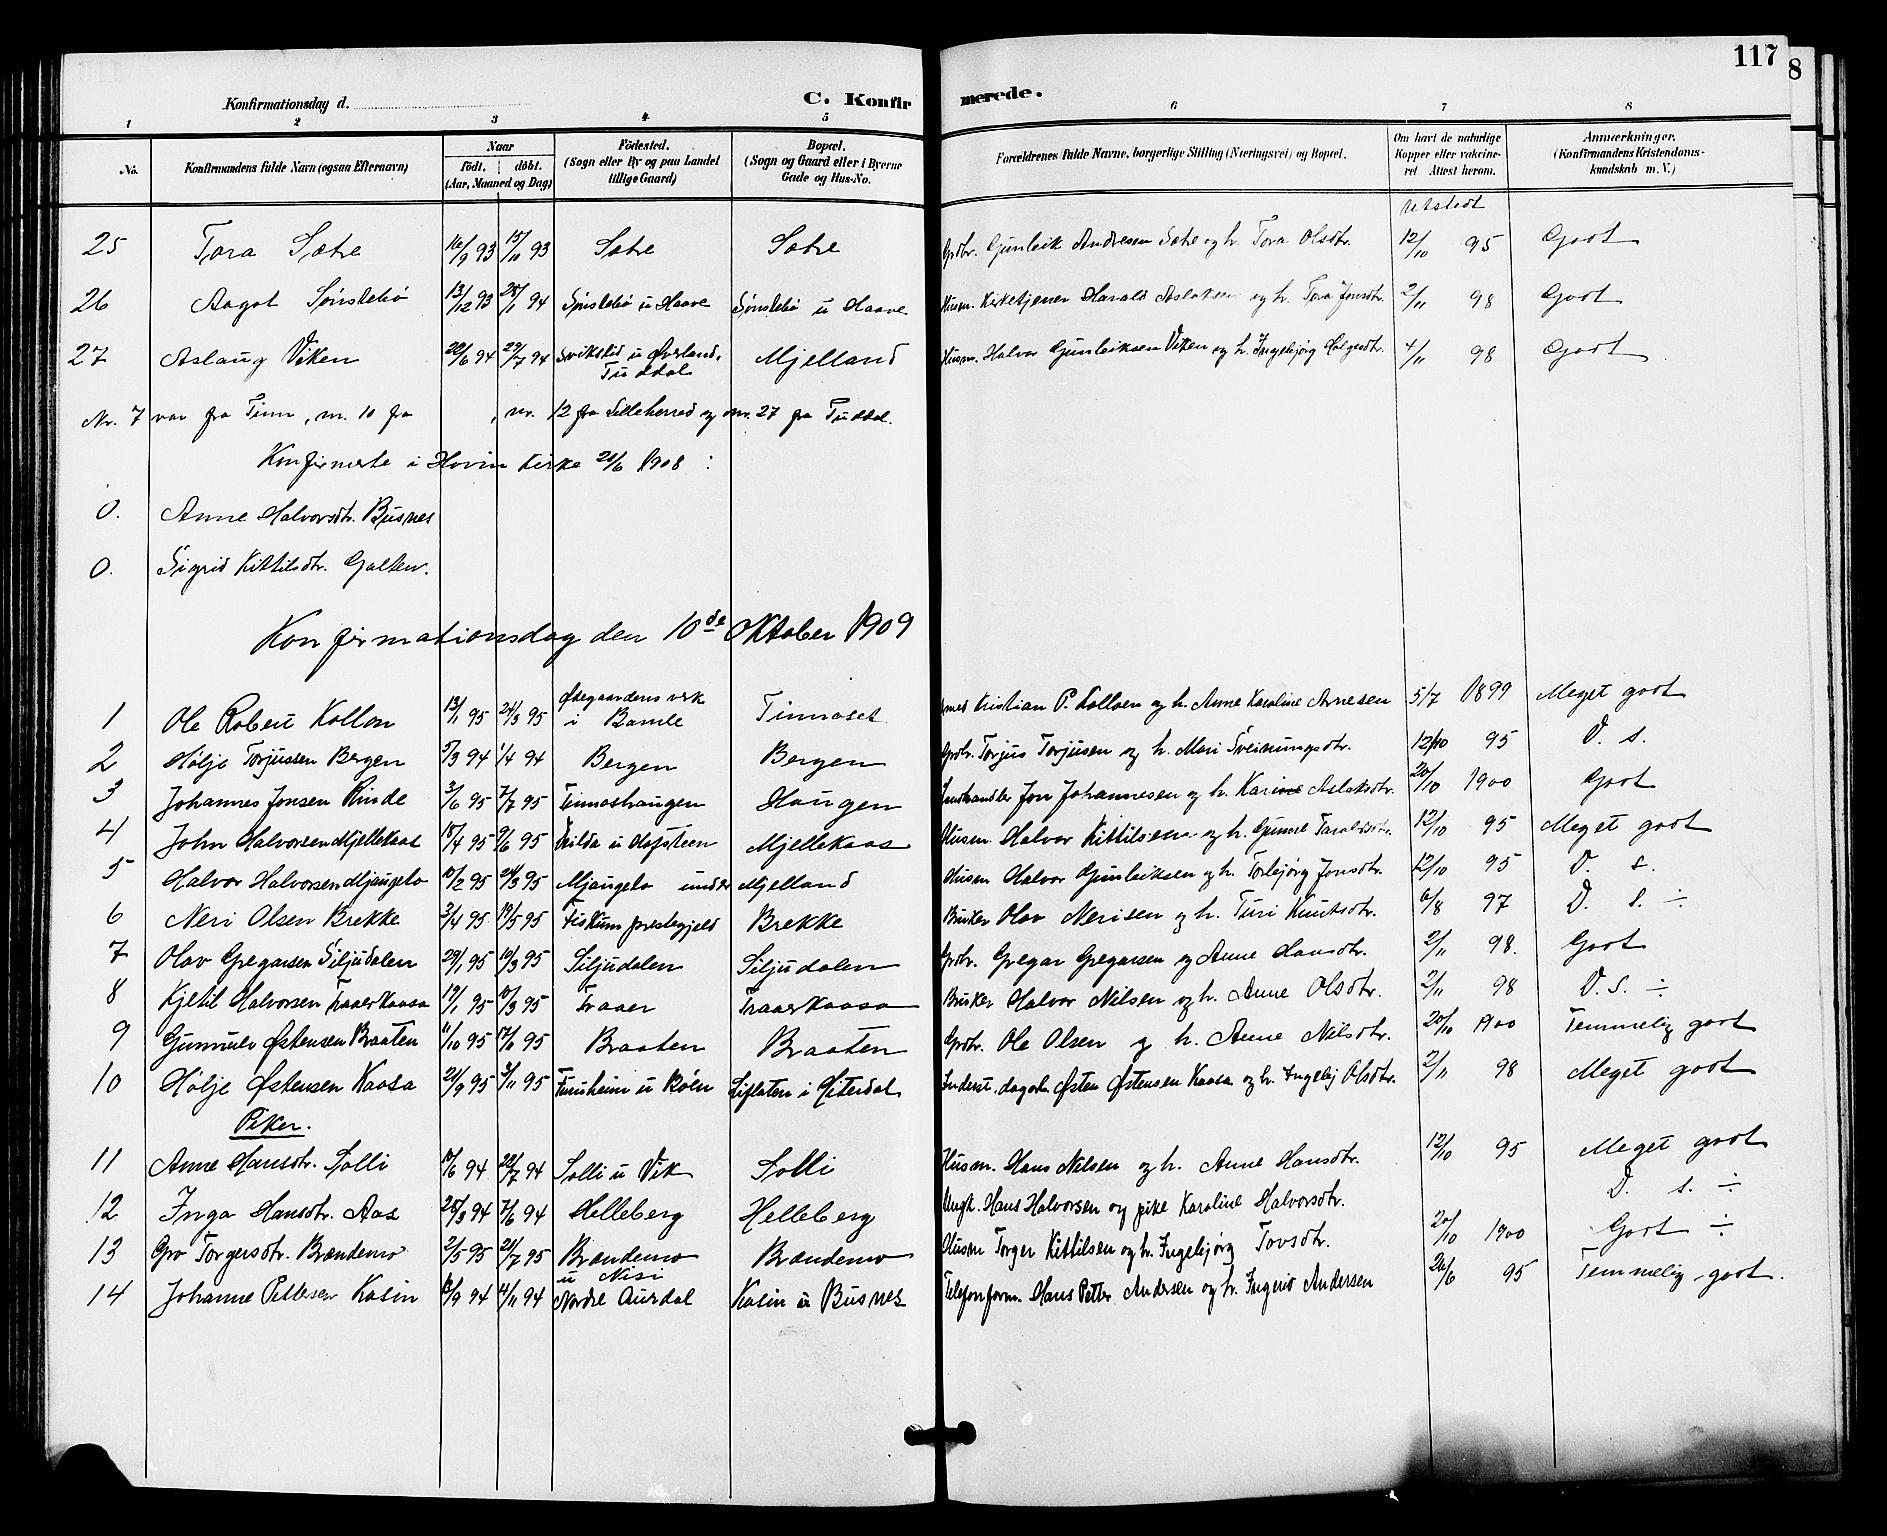 SAKO, Gransherad kirkebøker, G/Ga/L0003: Klokkerbok nr. I 3, 1887-1915, s. 117